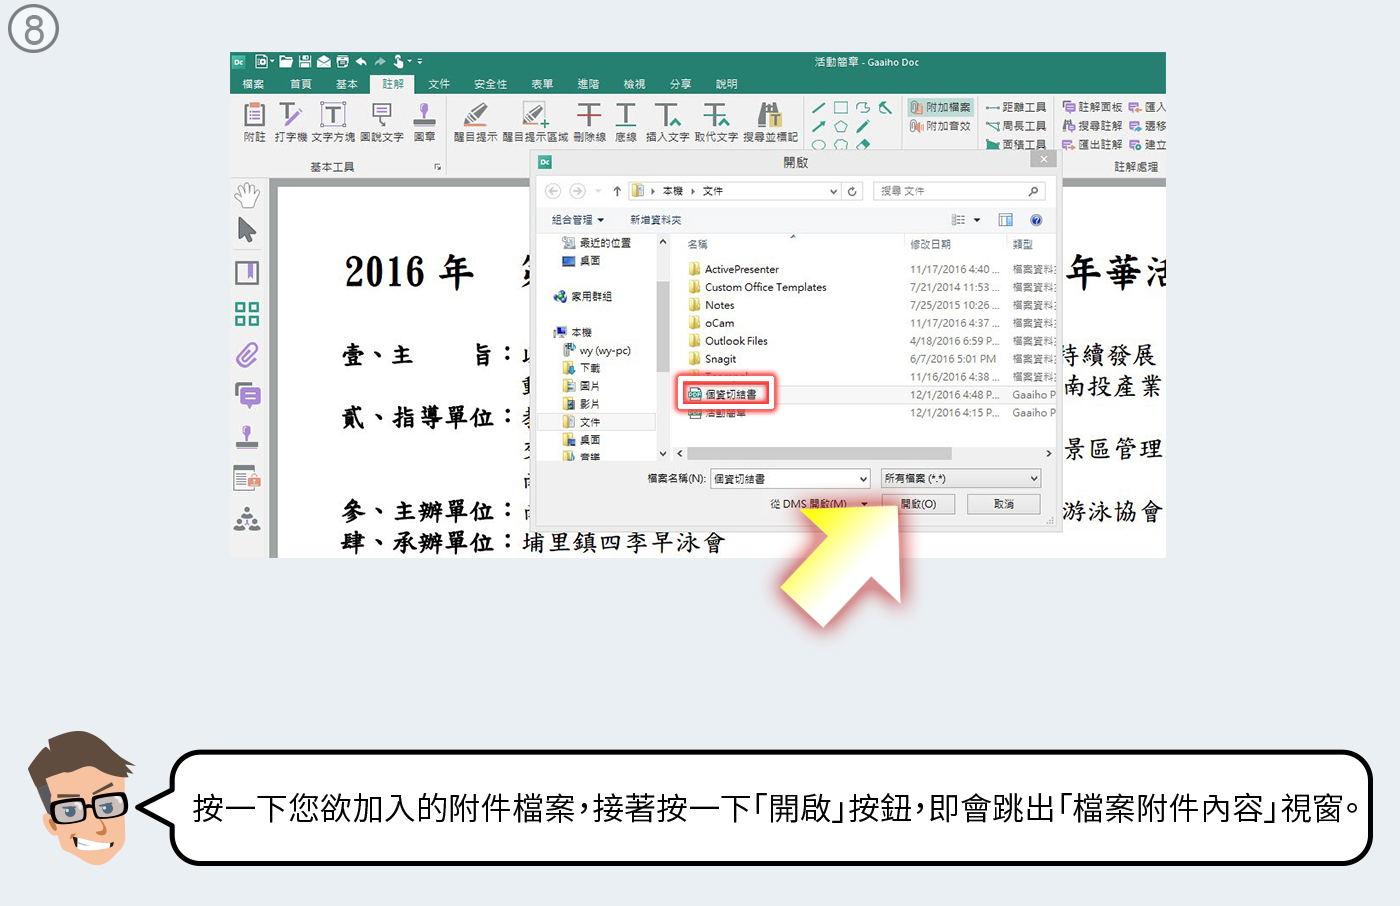 「檔案附件內容」視窗